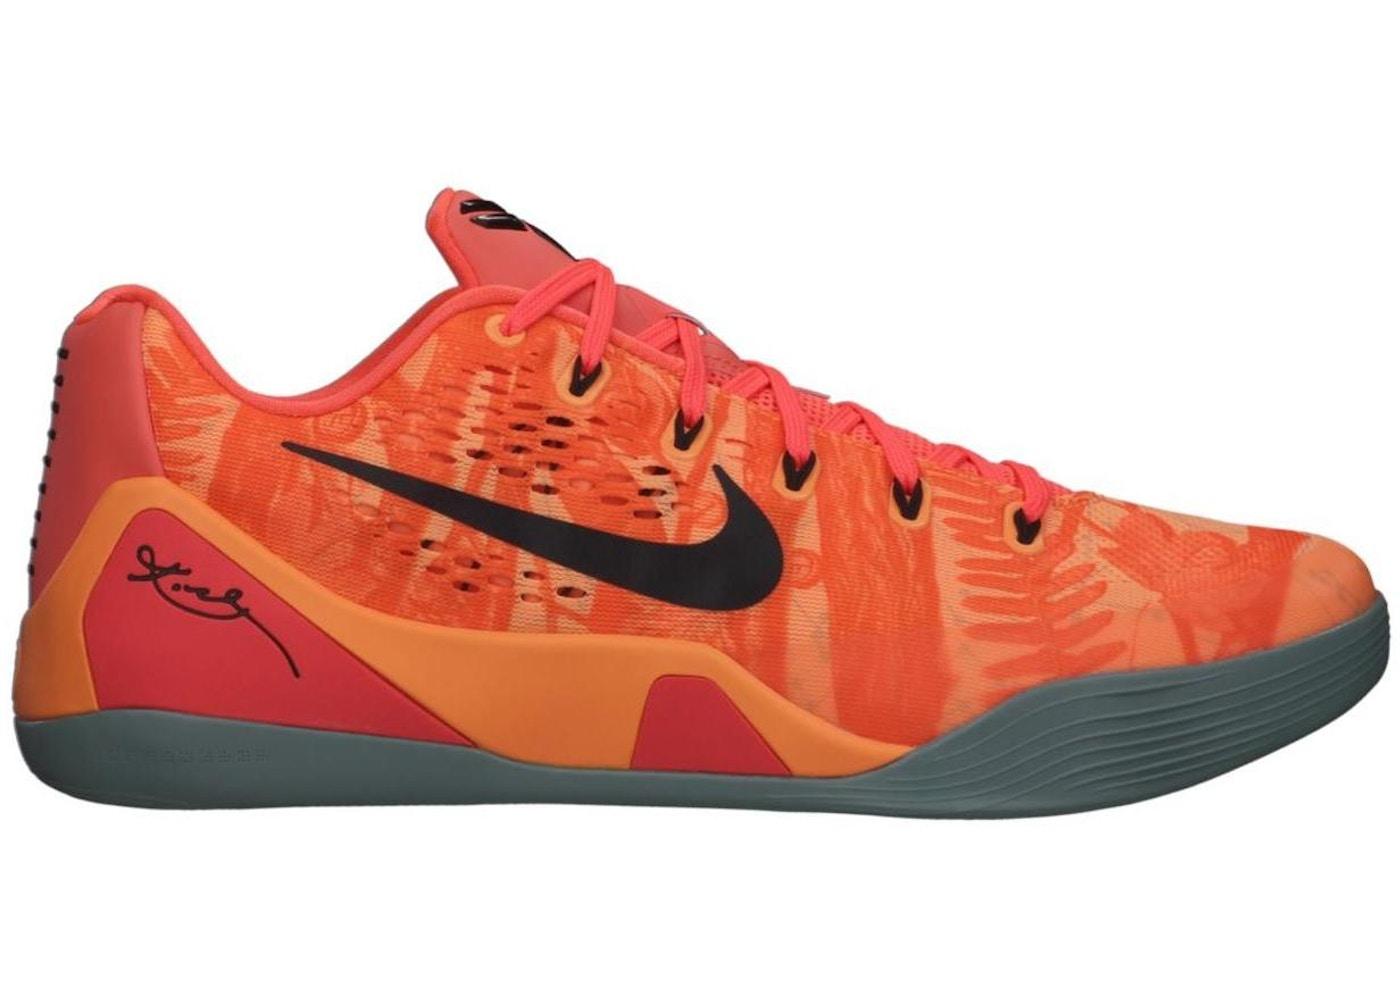 low priced 366f3 63f53 Kobe 9 EM Low Peach Mango - 646701-880